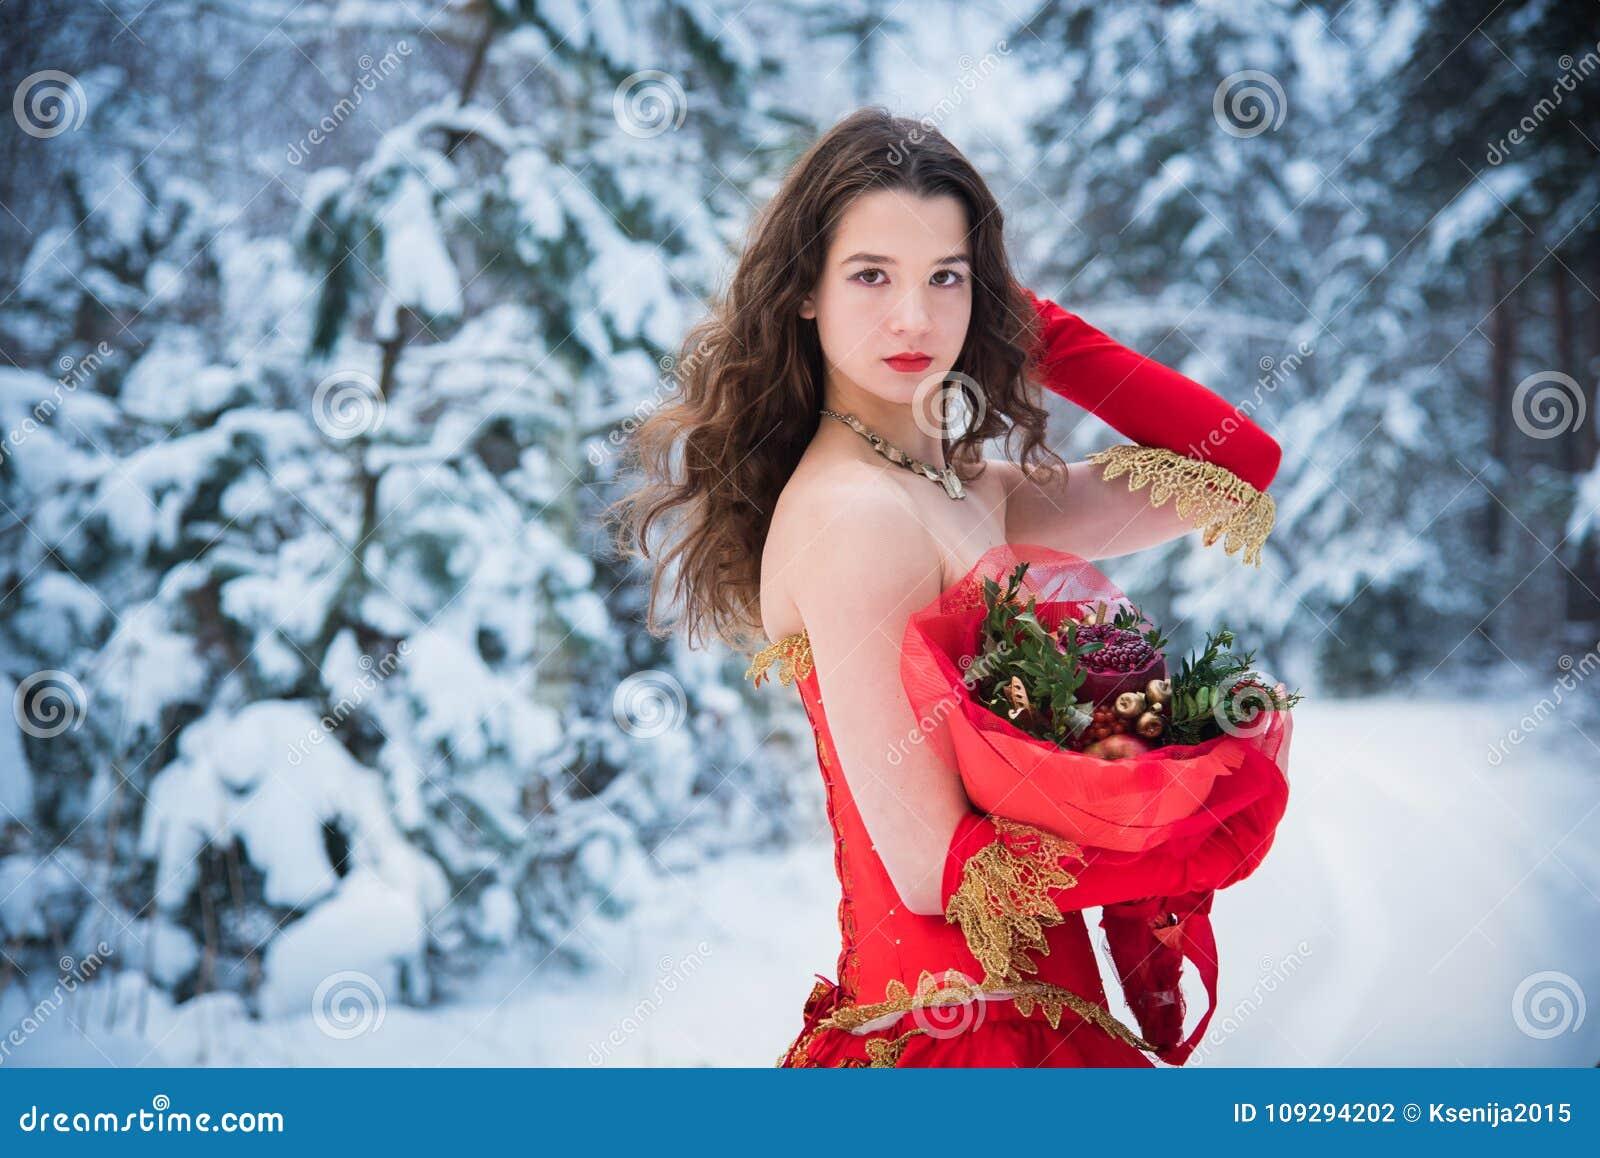 Ein Mädchen in einem Märchenbild einer Königin wirft in einem schneebedeckten Winterwaldlang roten Kleid, Blumenstrauß von Frücht